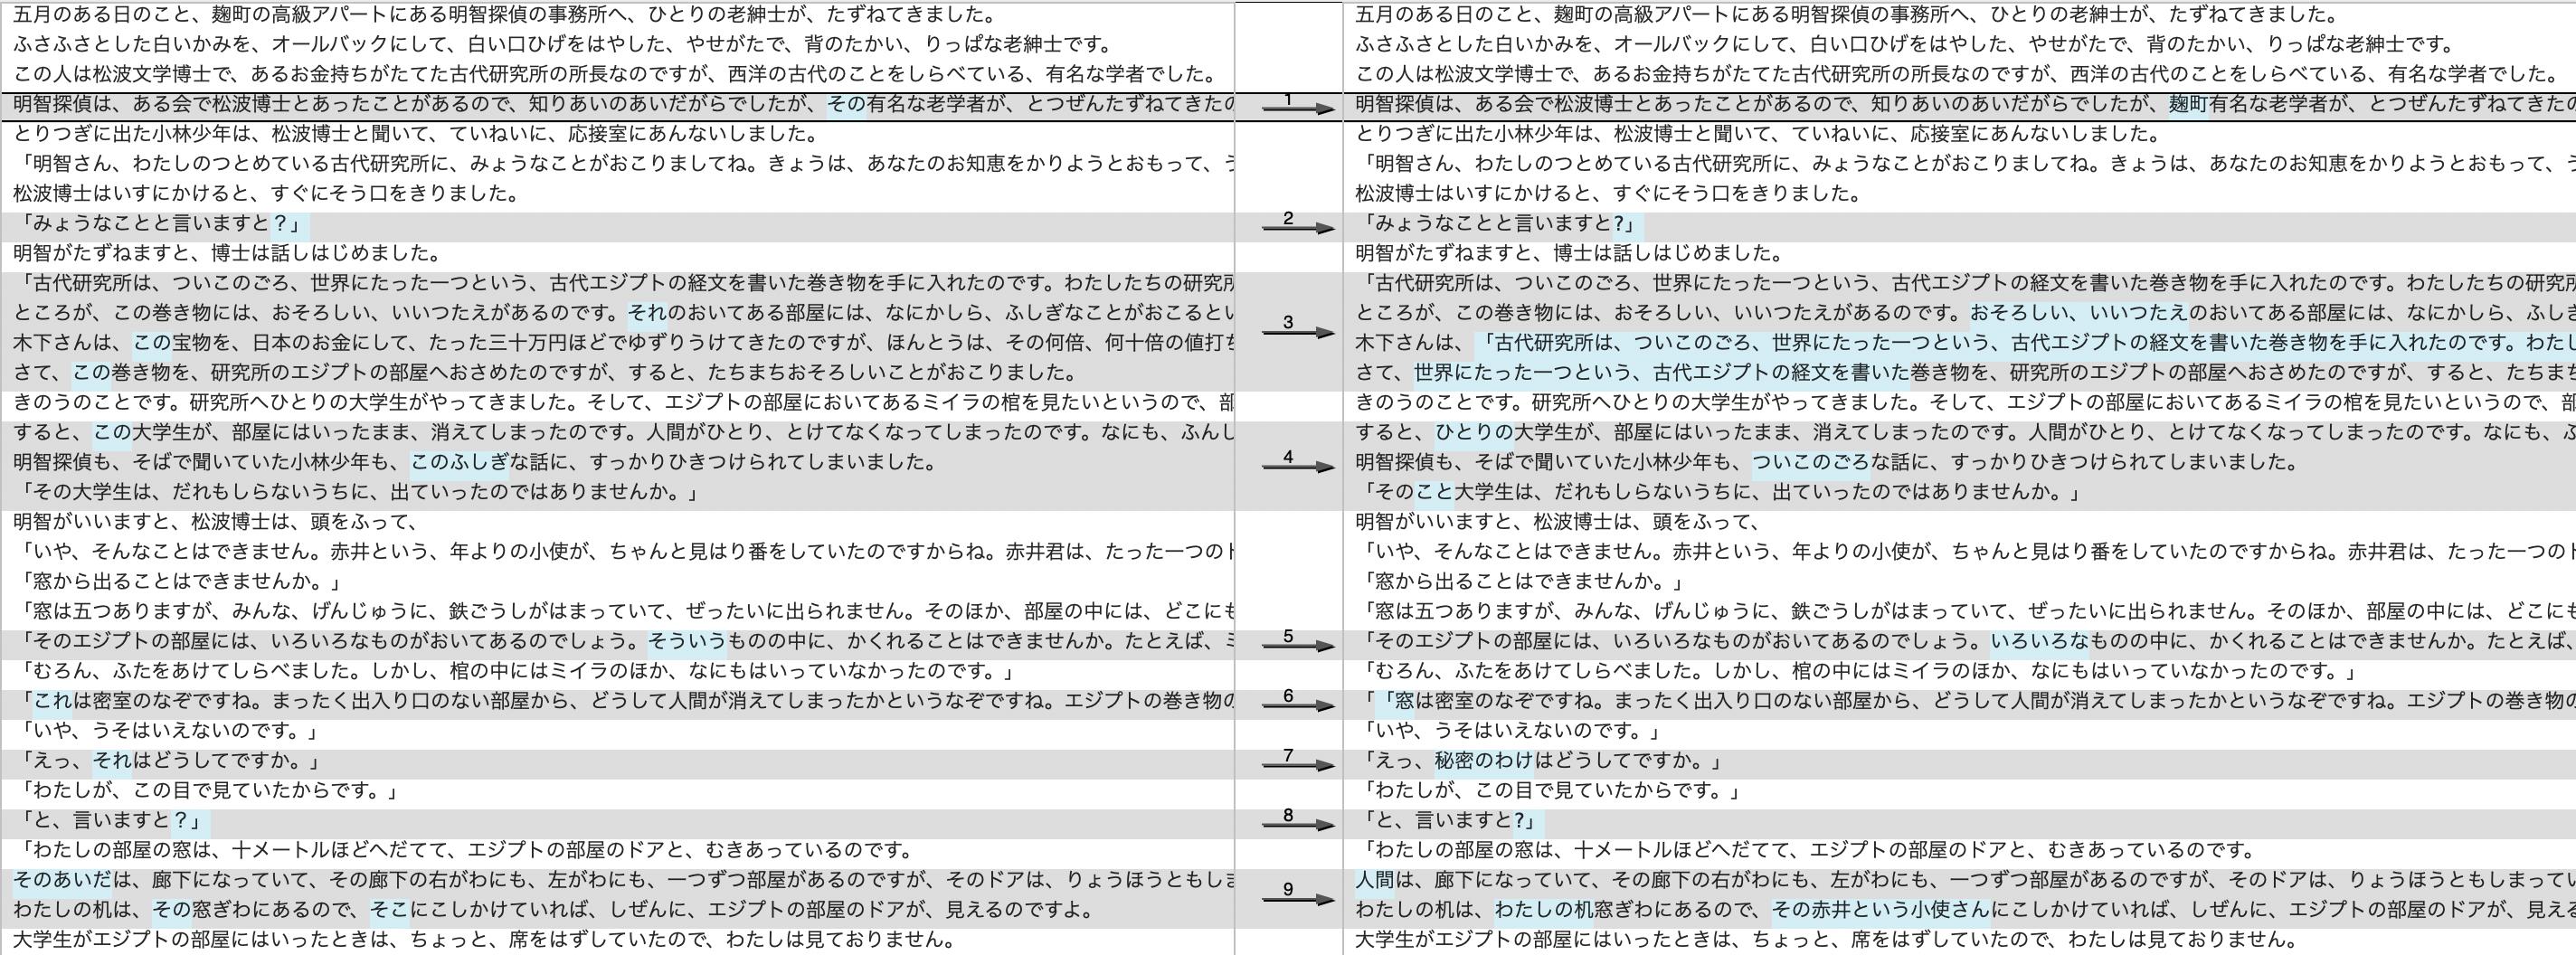 スクリーンショット 2020-03-04 2.00.20.png